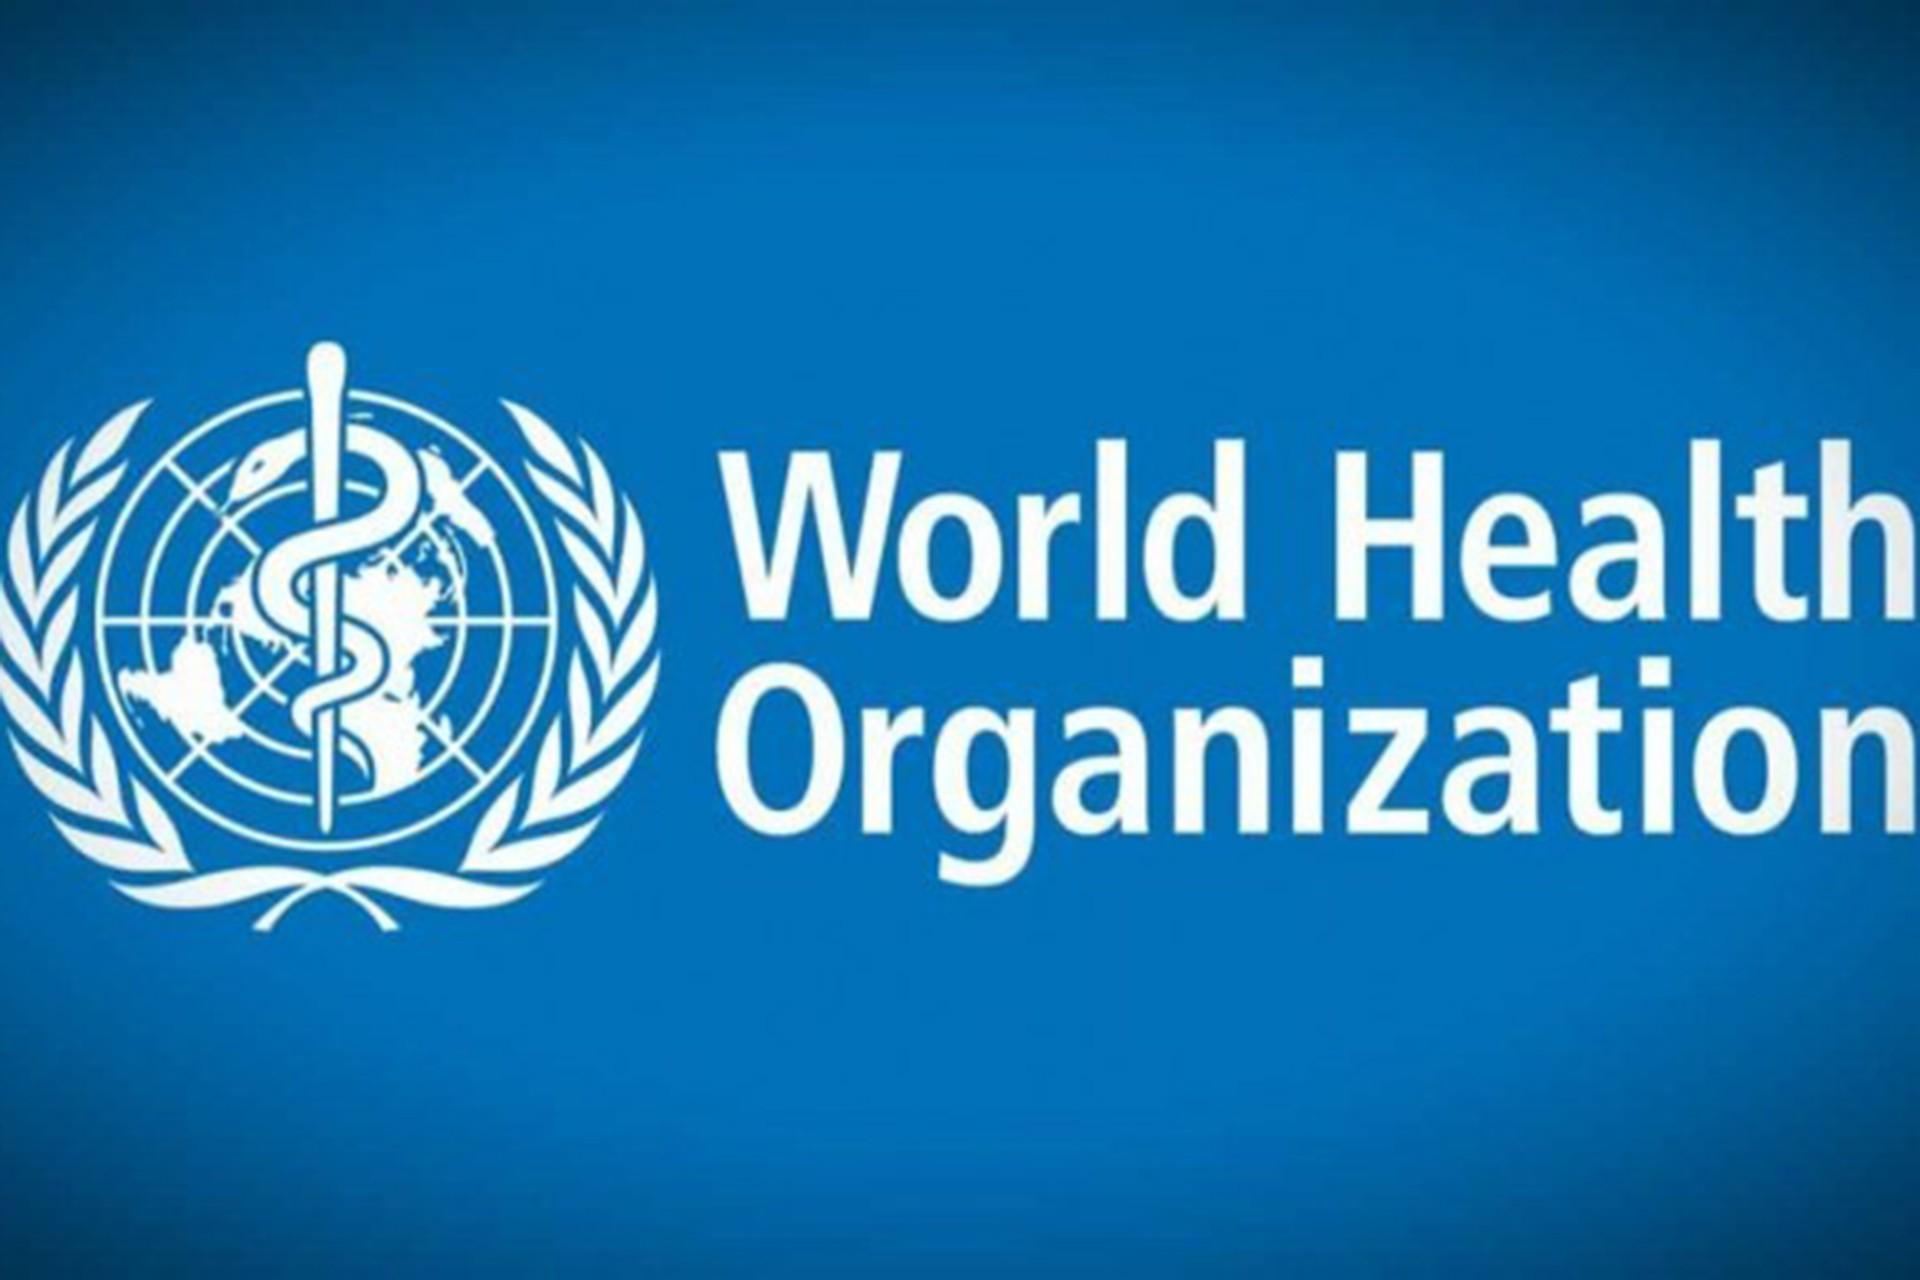 Dünya Sağlık Örgütü logosu